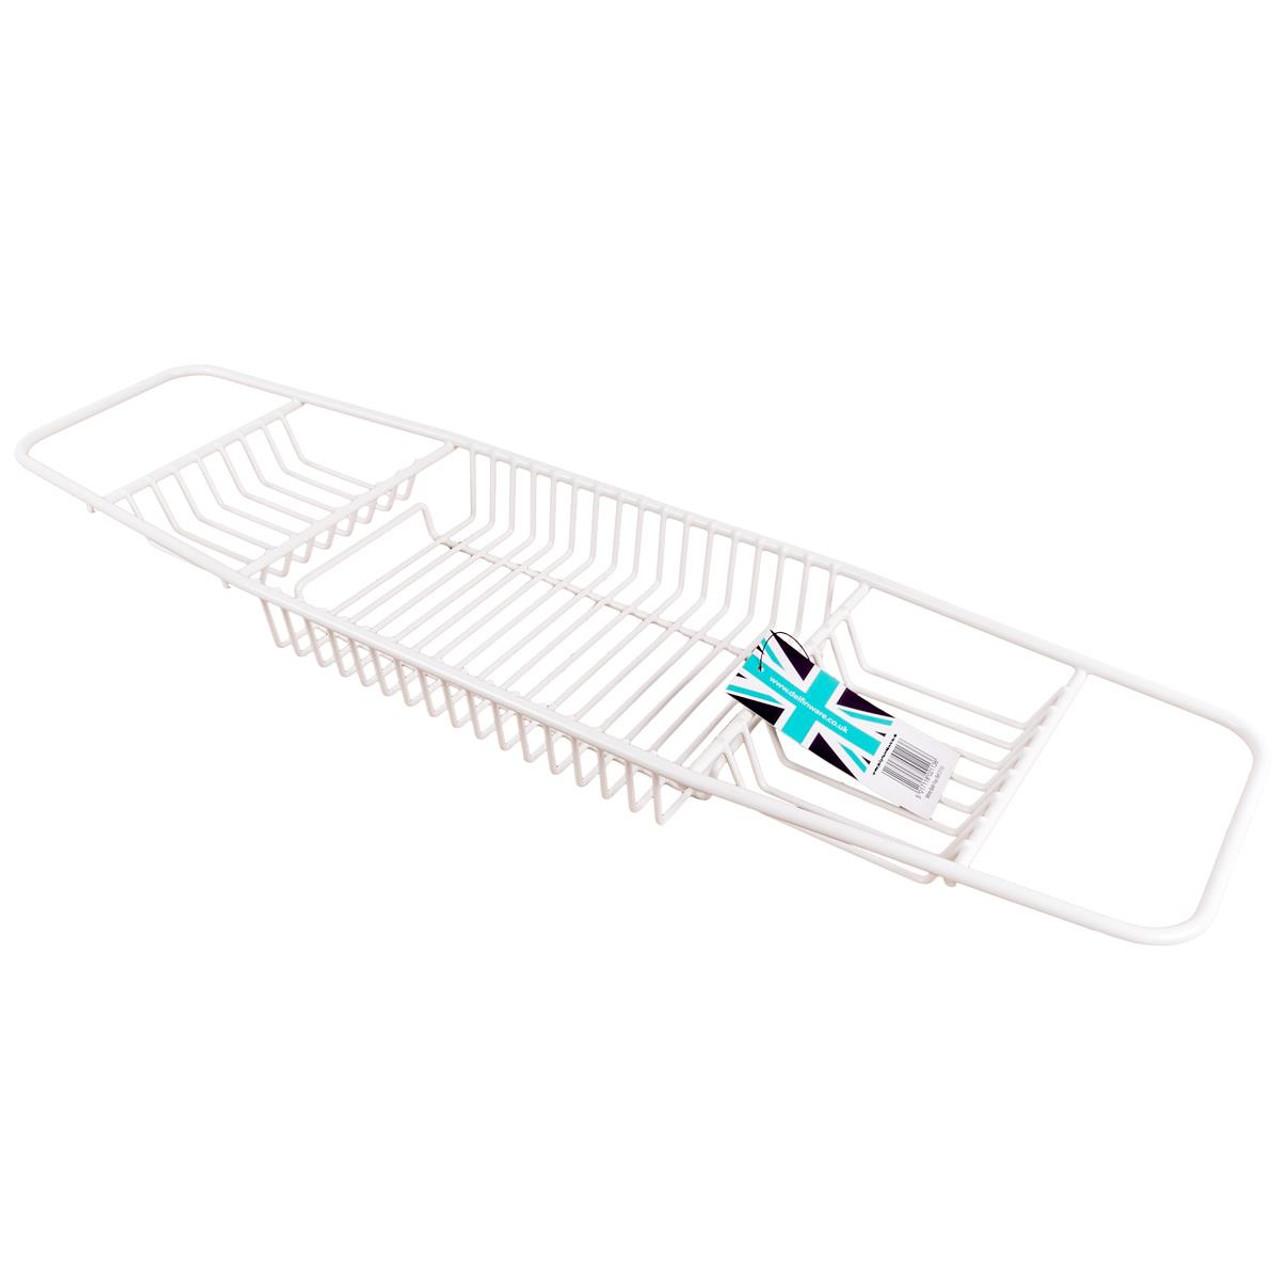 Delfinware Bath Tray in White